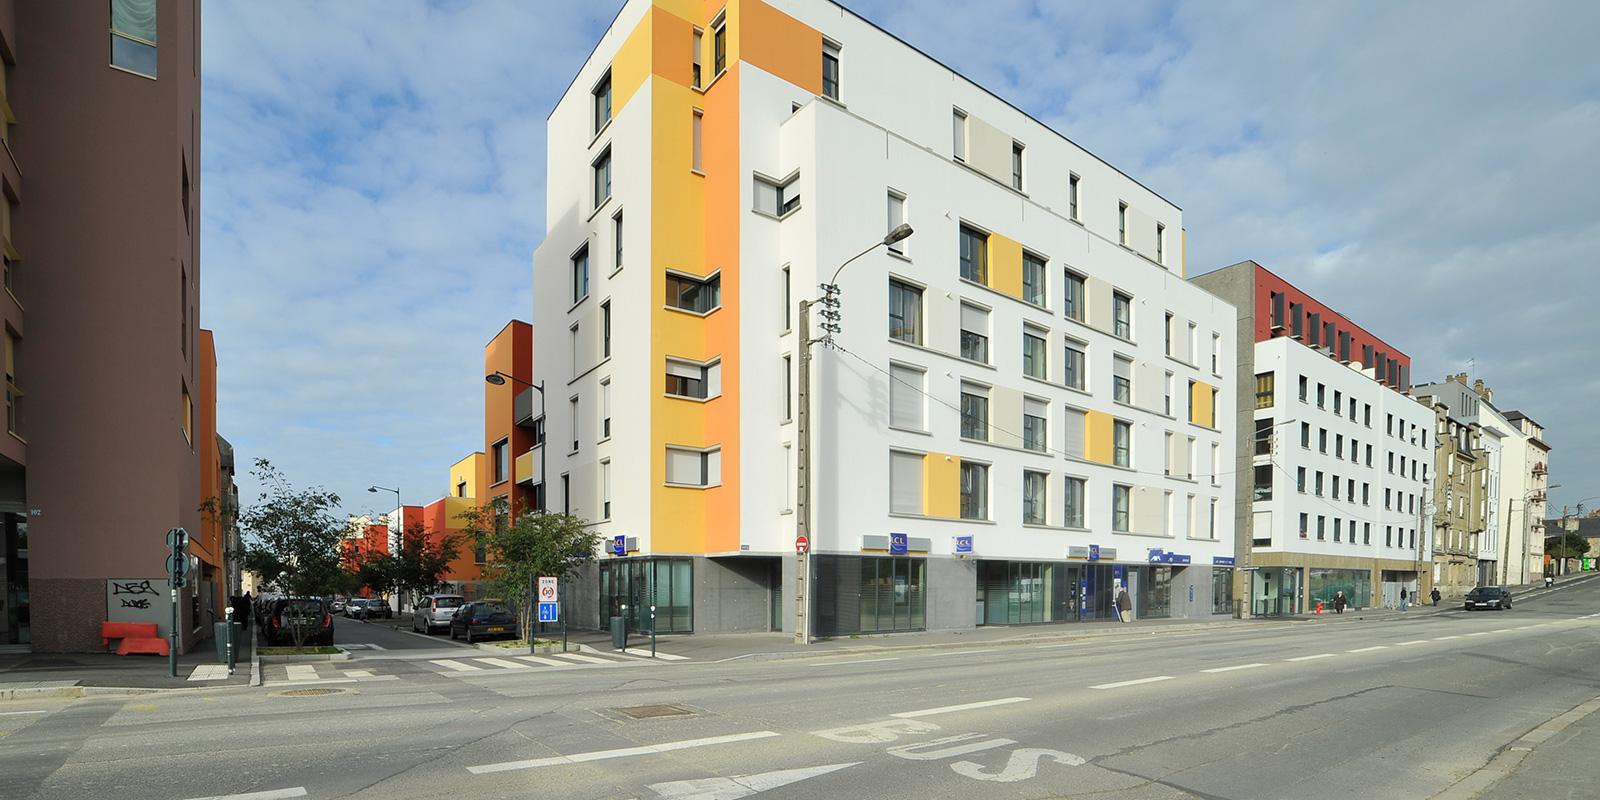 La nouvelle échelle bâtie de la rue de l'Alma – Architectes germe&JAM (à gauche), Cornu (à droite), Dunet (à droite 2ème plan)